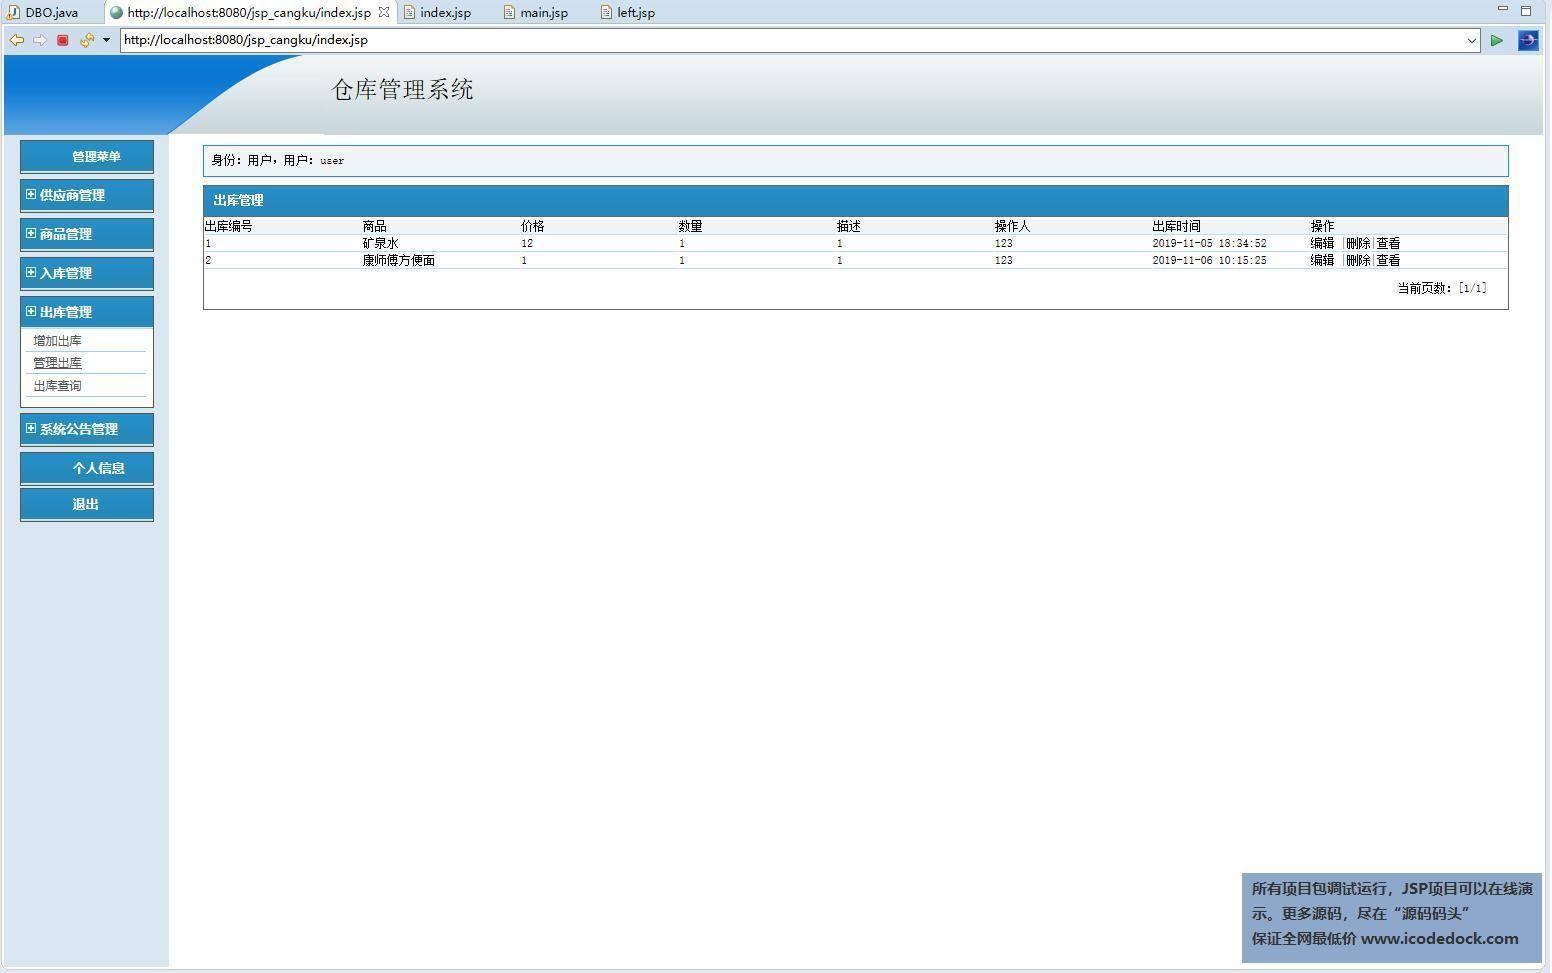 源码码头-JSP仓库管理系统-用户角色-出库管理